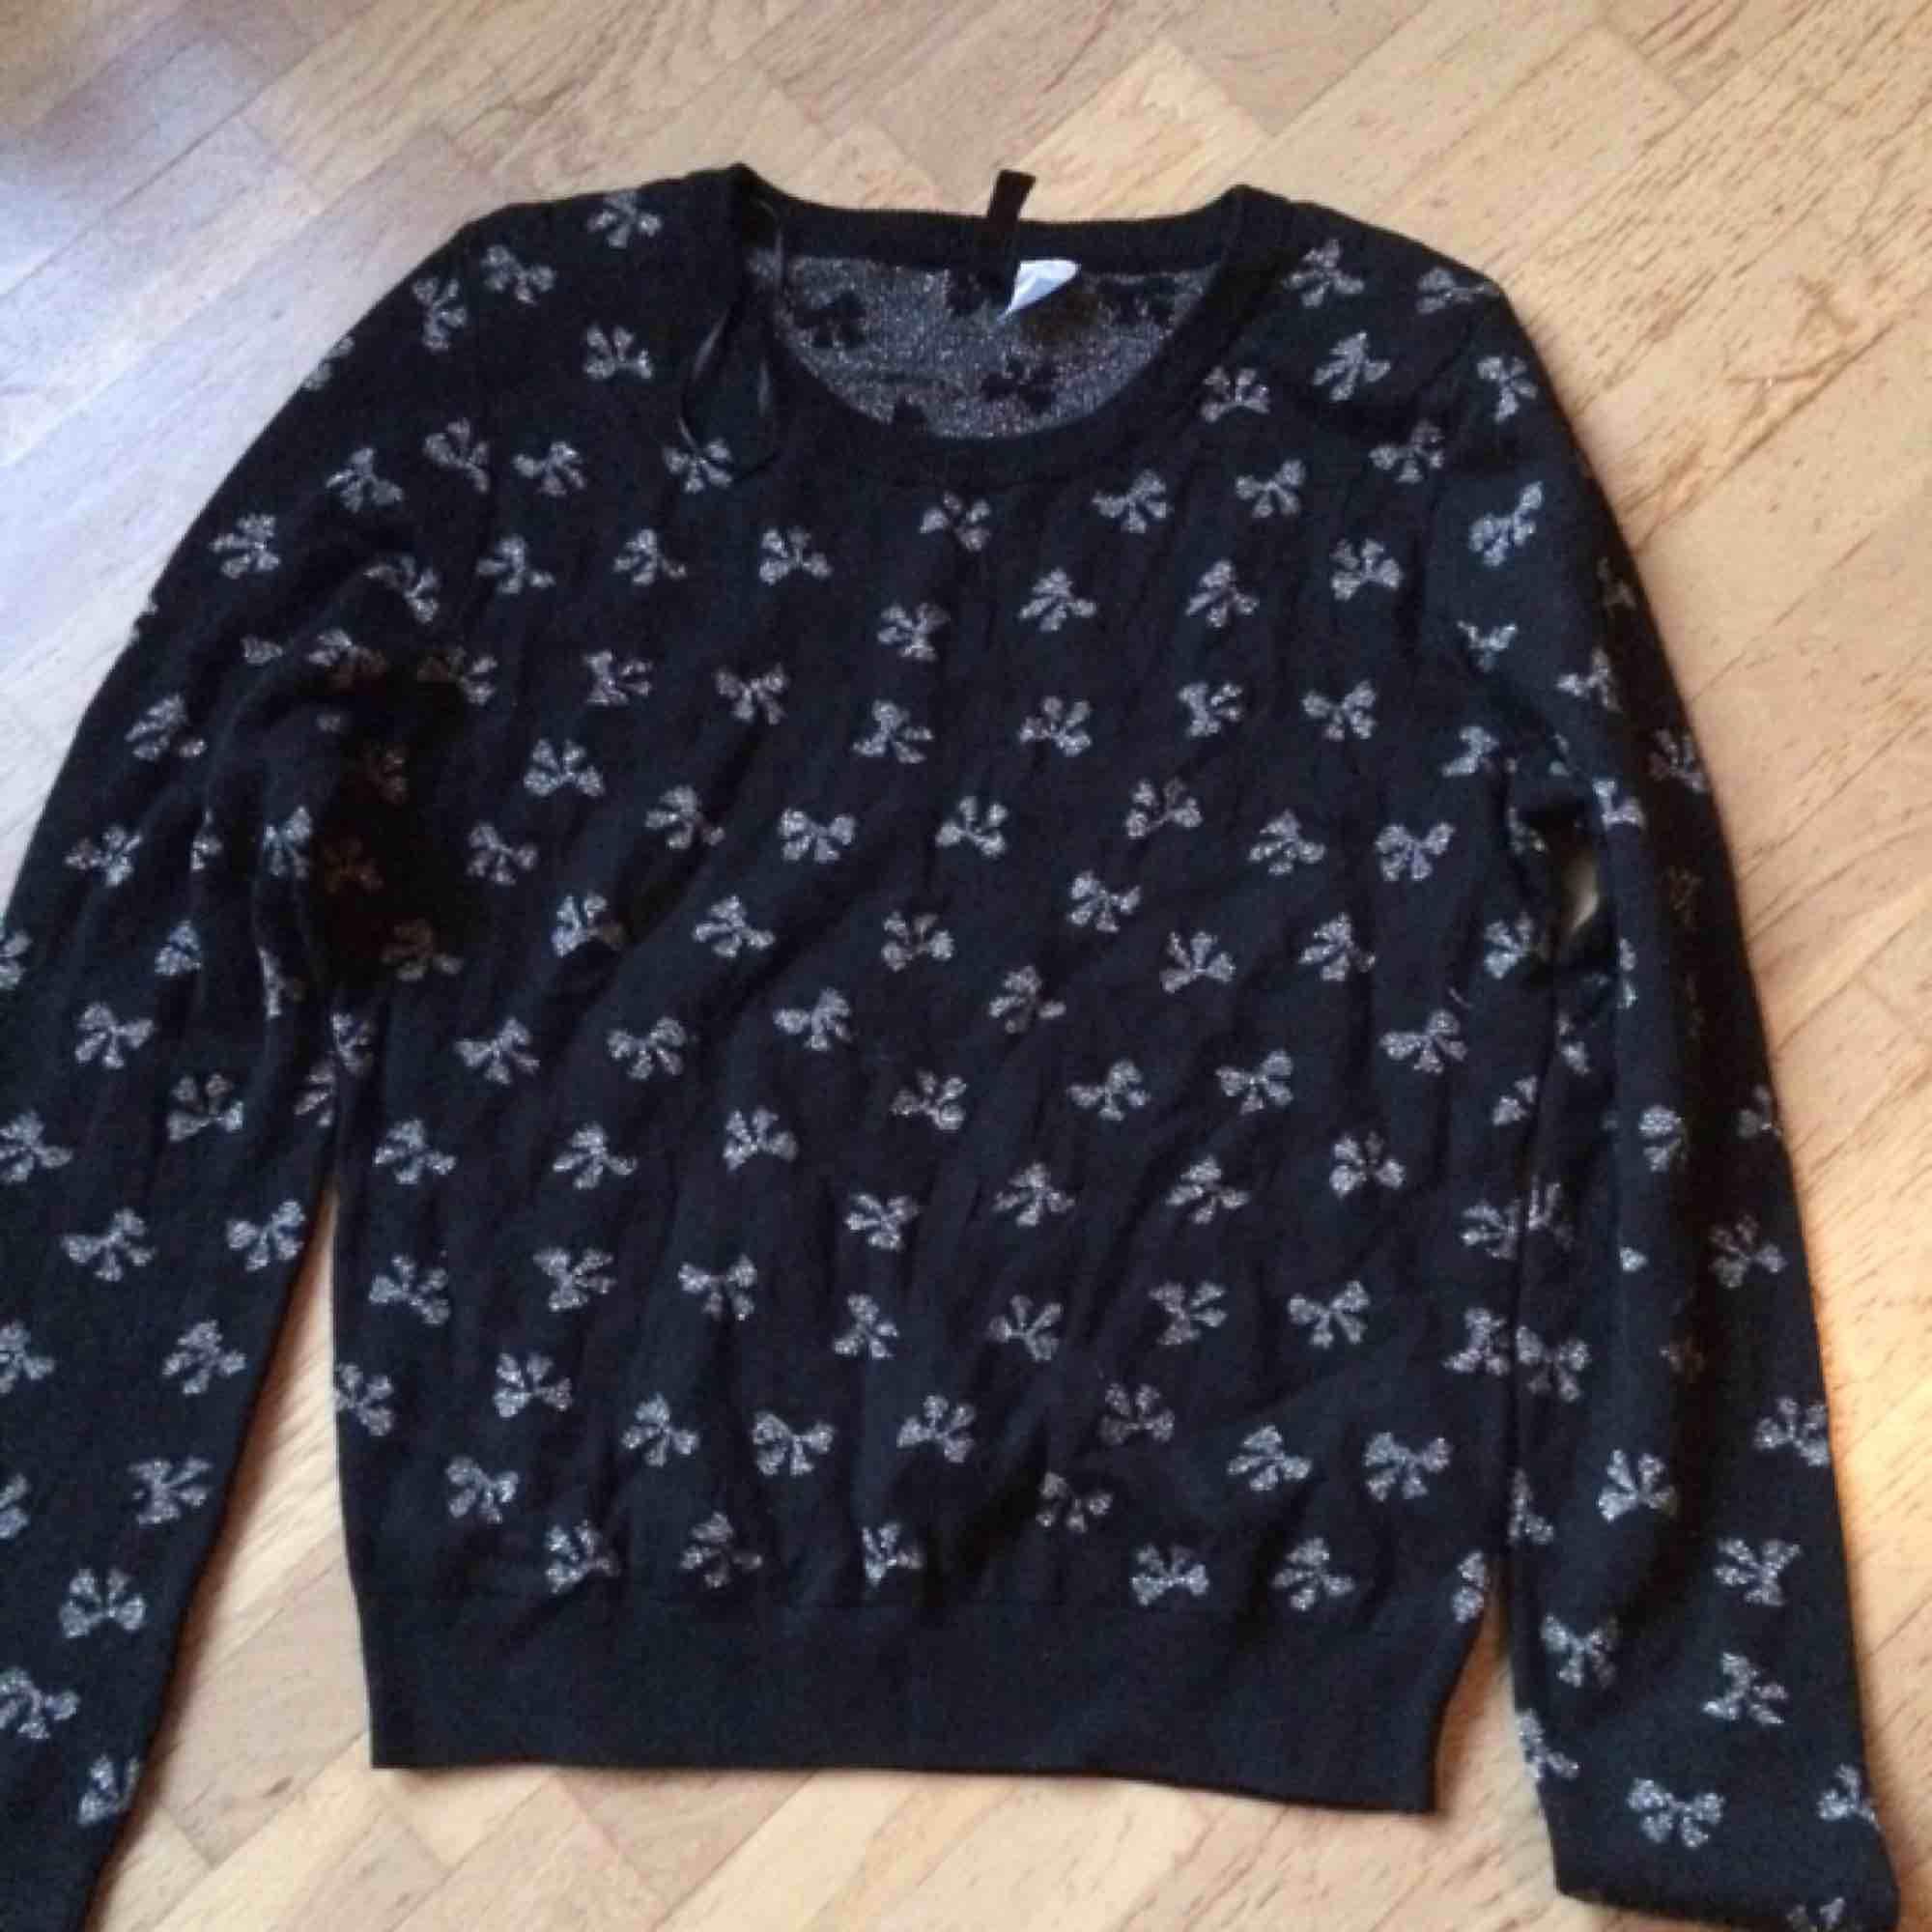 Svart tröja med silvriga rosetter i storlek 40. Använd men fint skick. Frakt: 59 kr i postens påse 🌸. Tröjor & Koftor.